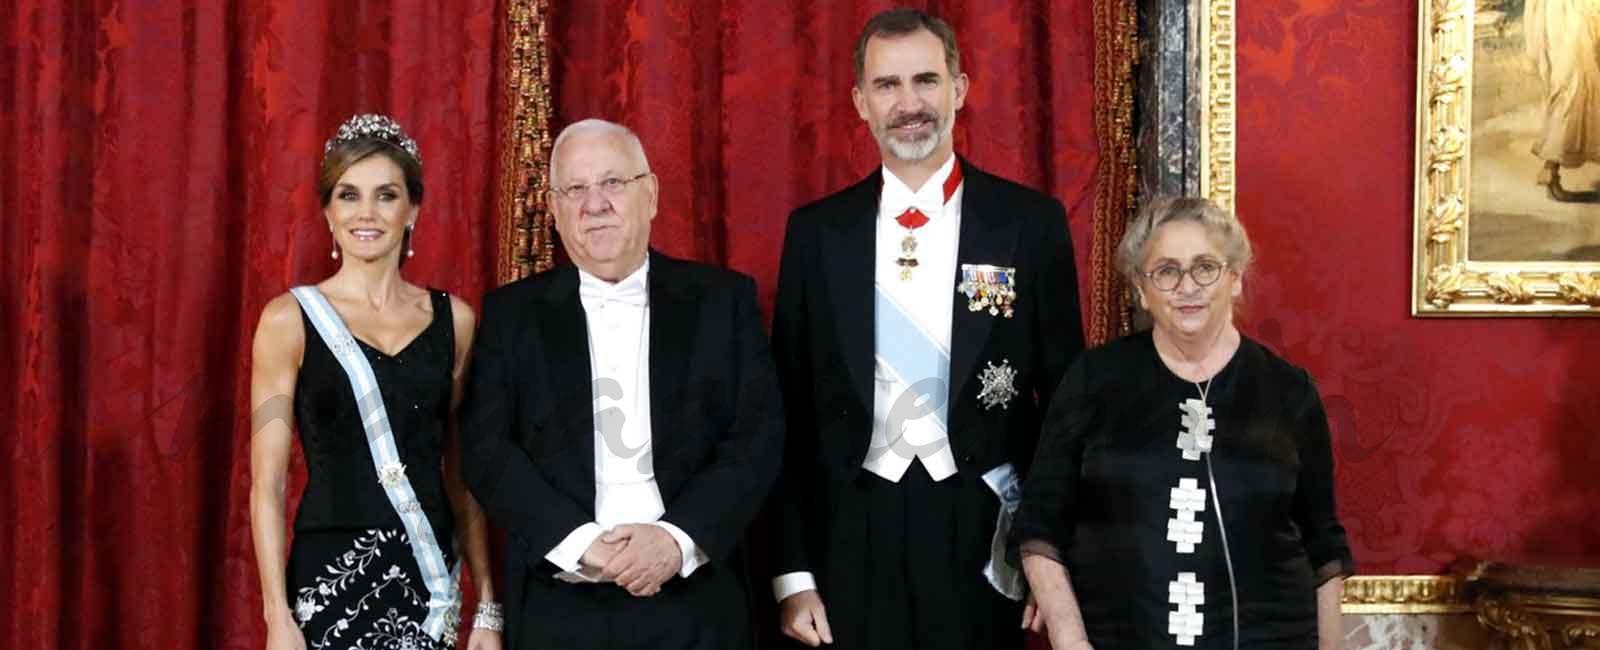 Cena de gala en el Palacio Real en honor al Presidente de Israel y a su esposa